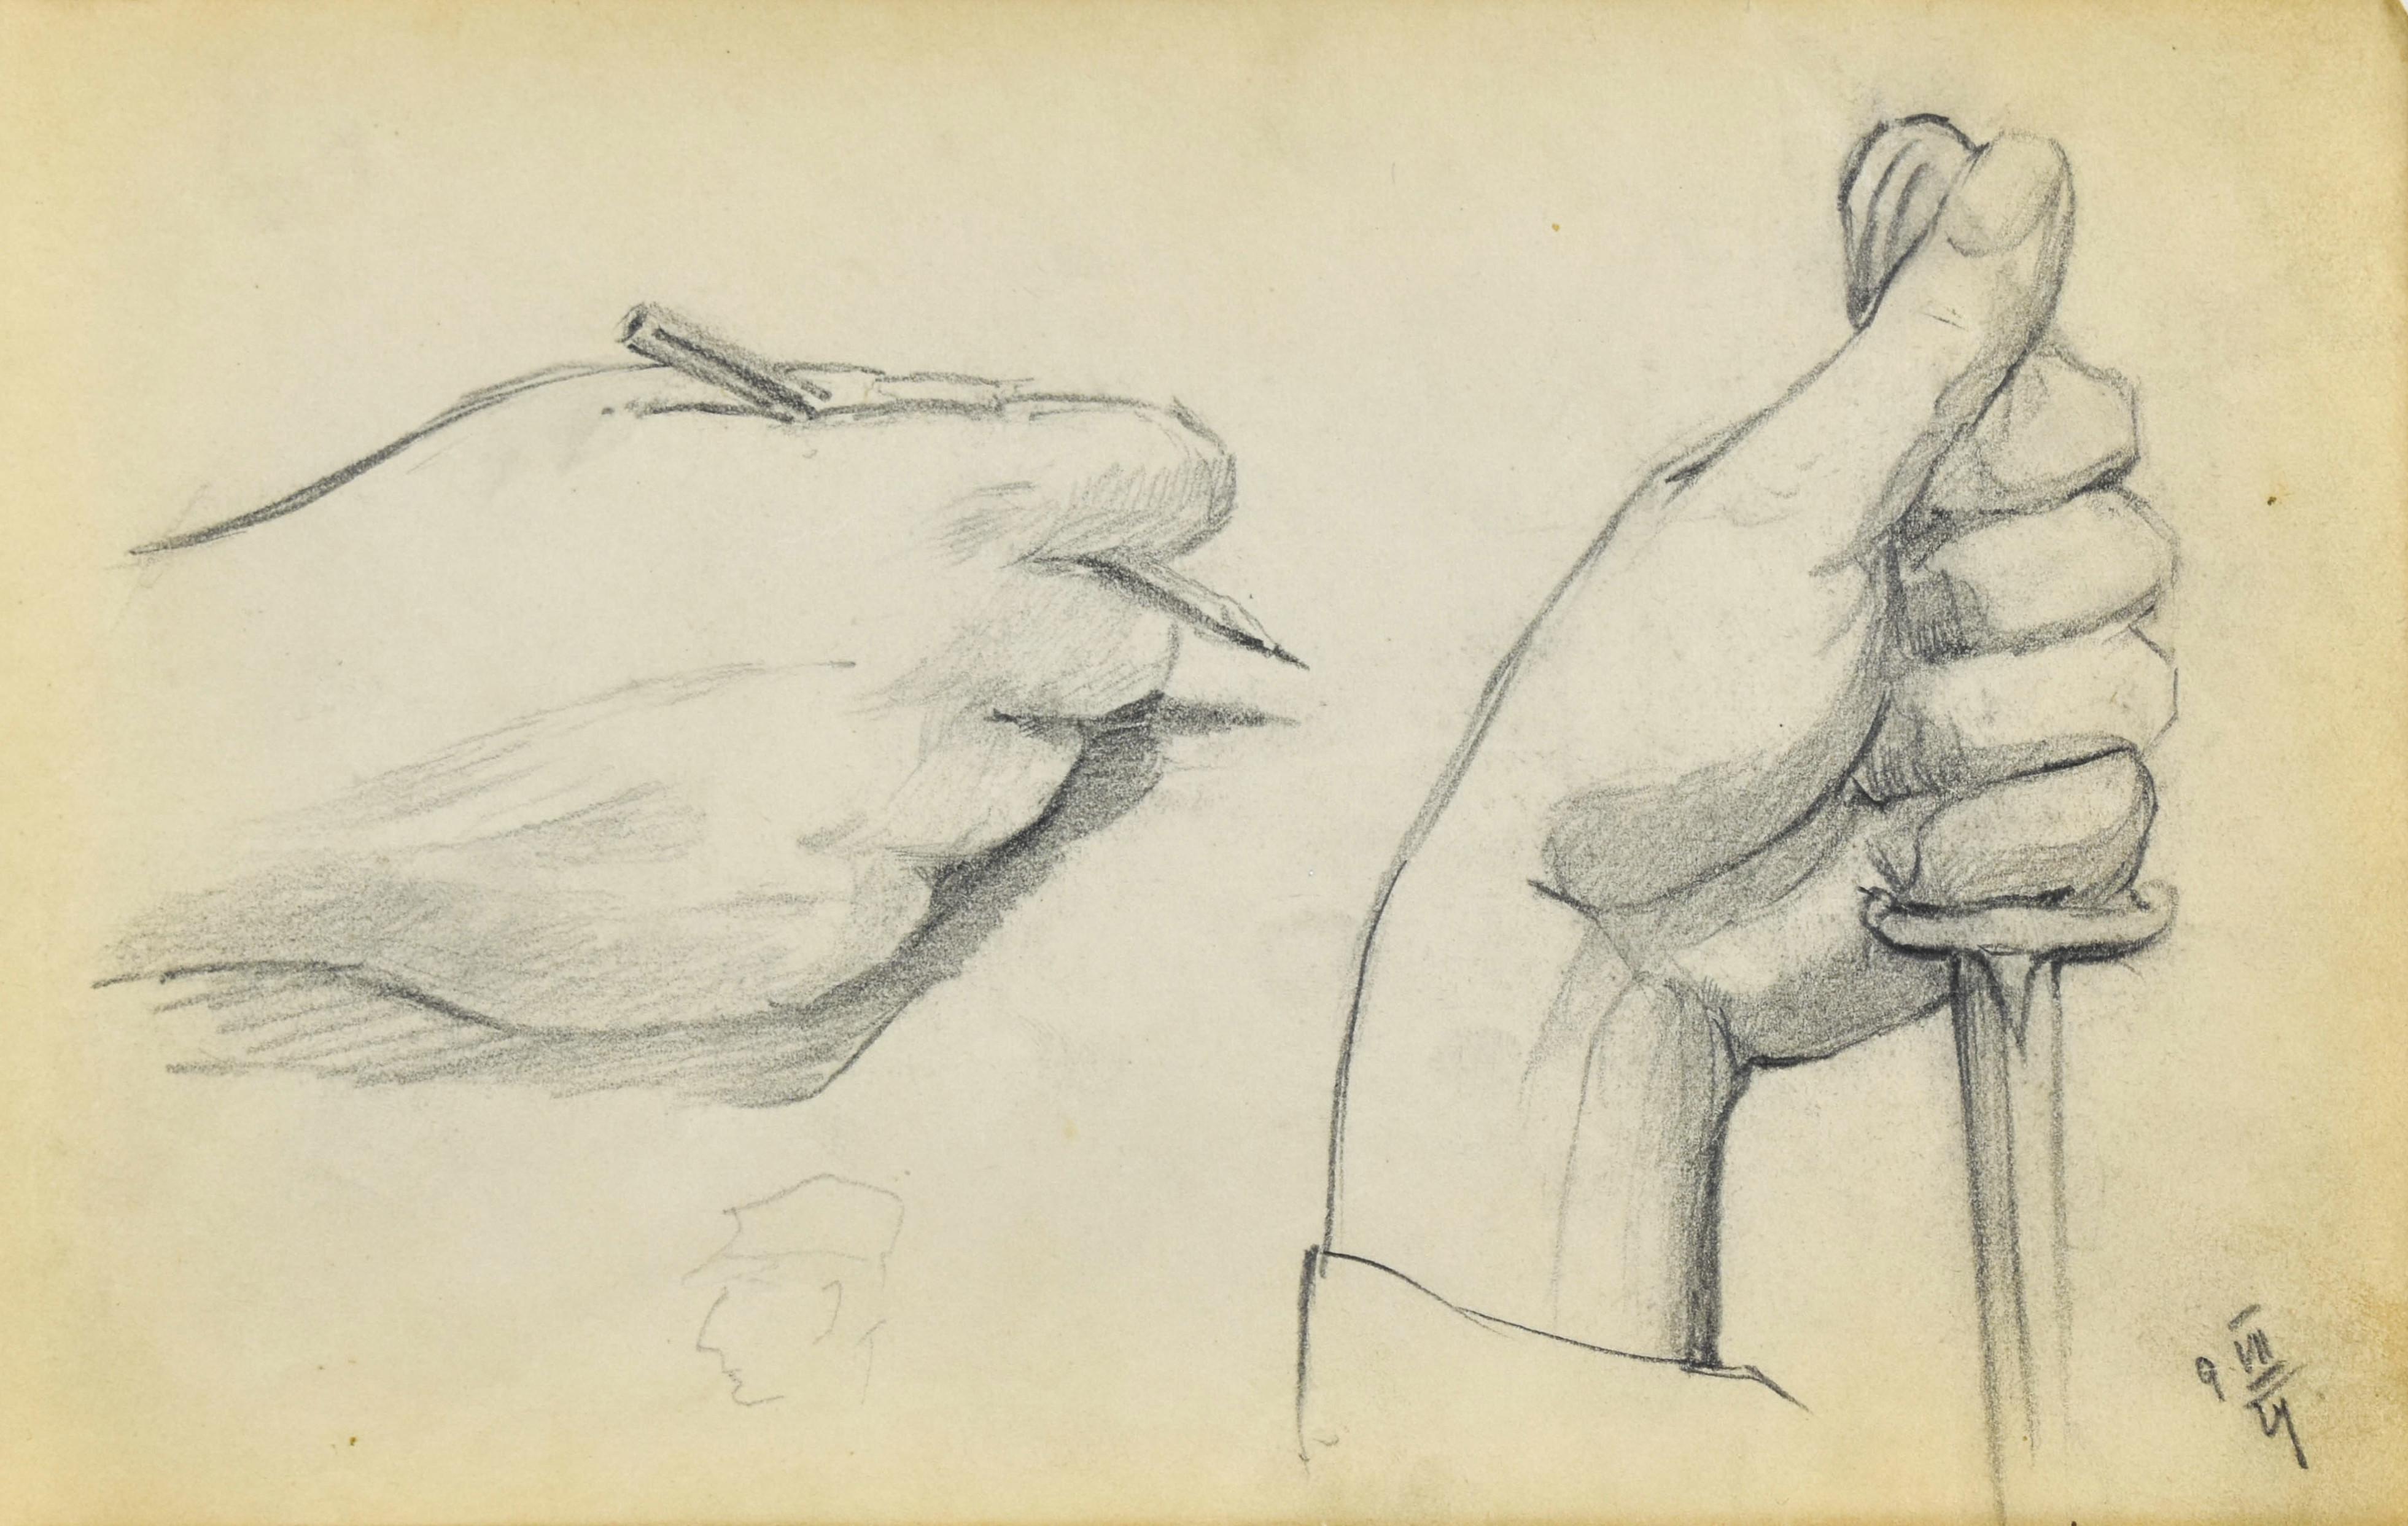 Szkic dłoni trzymającej ołówek oraz dłoni trzymającej sztylet